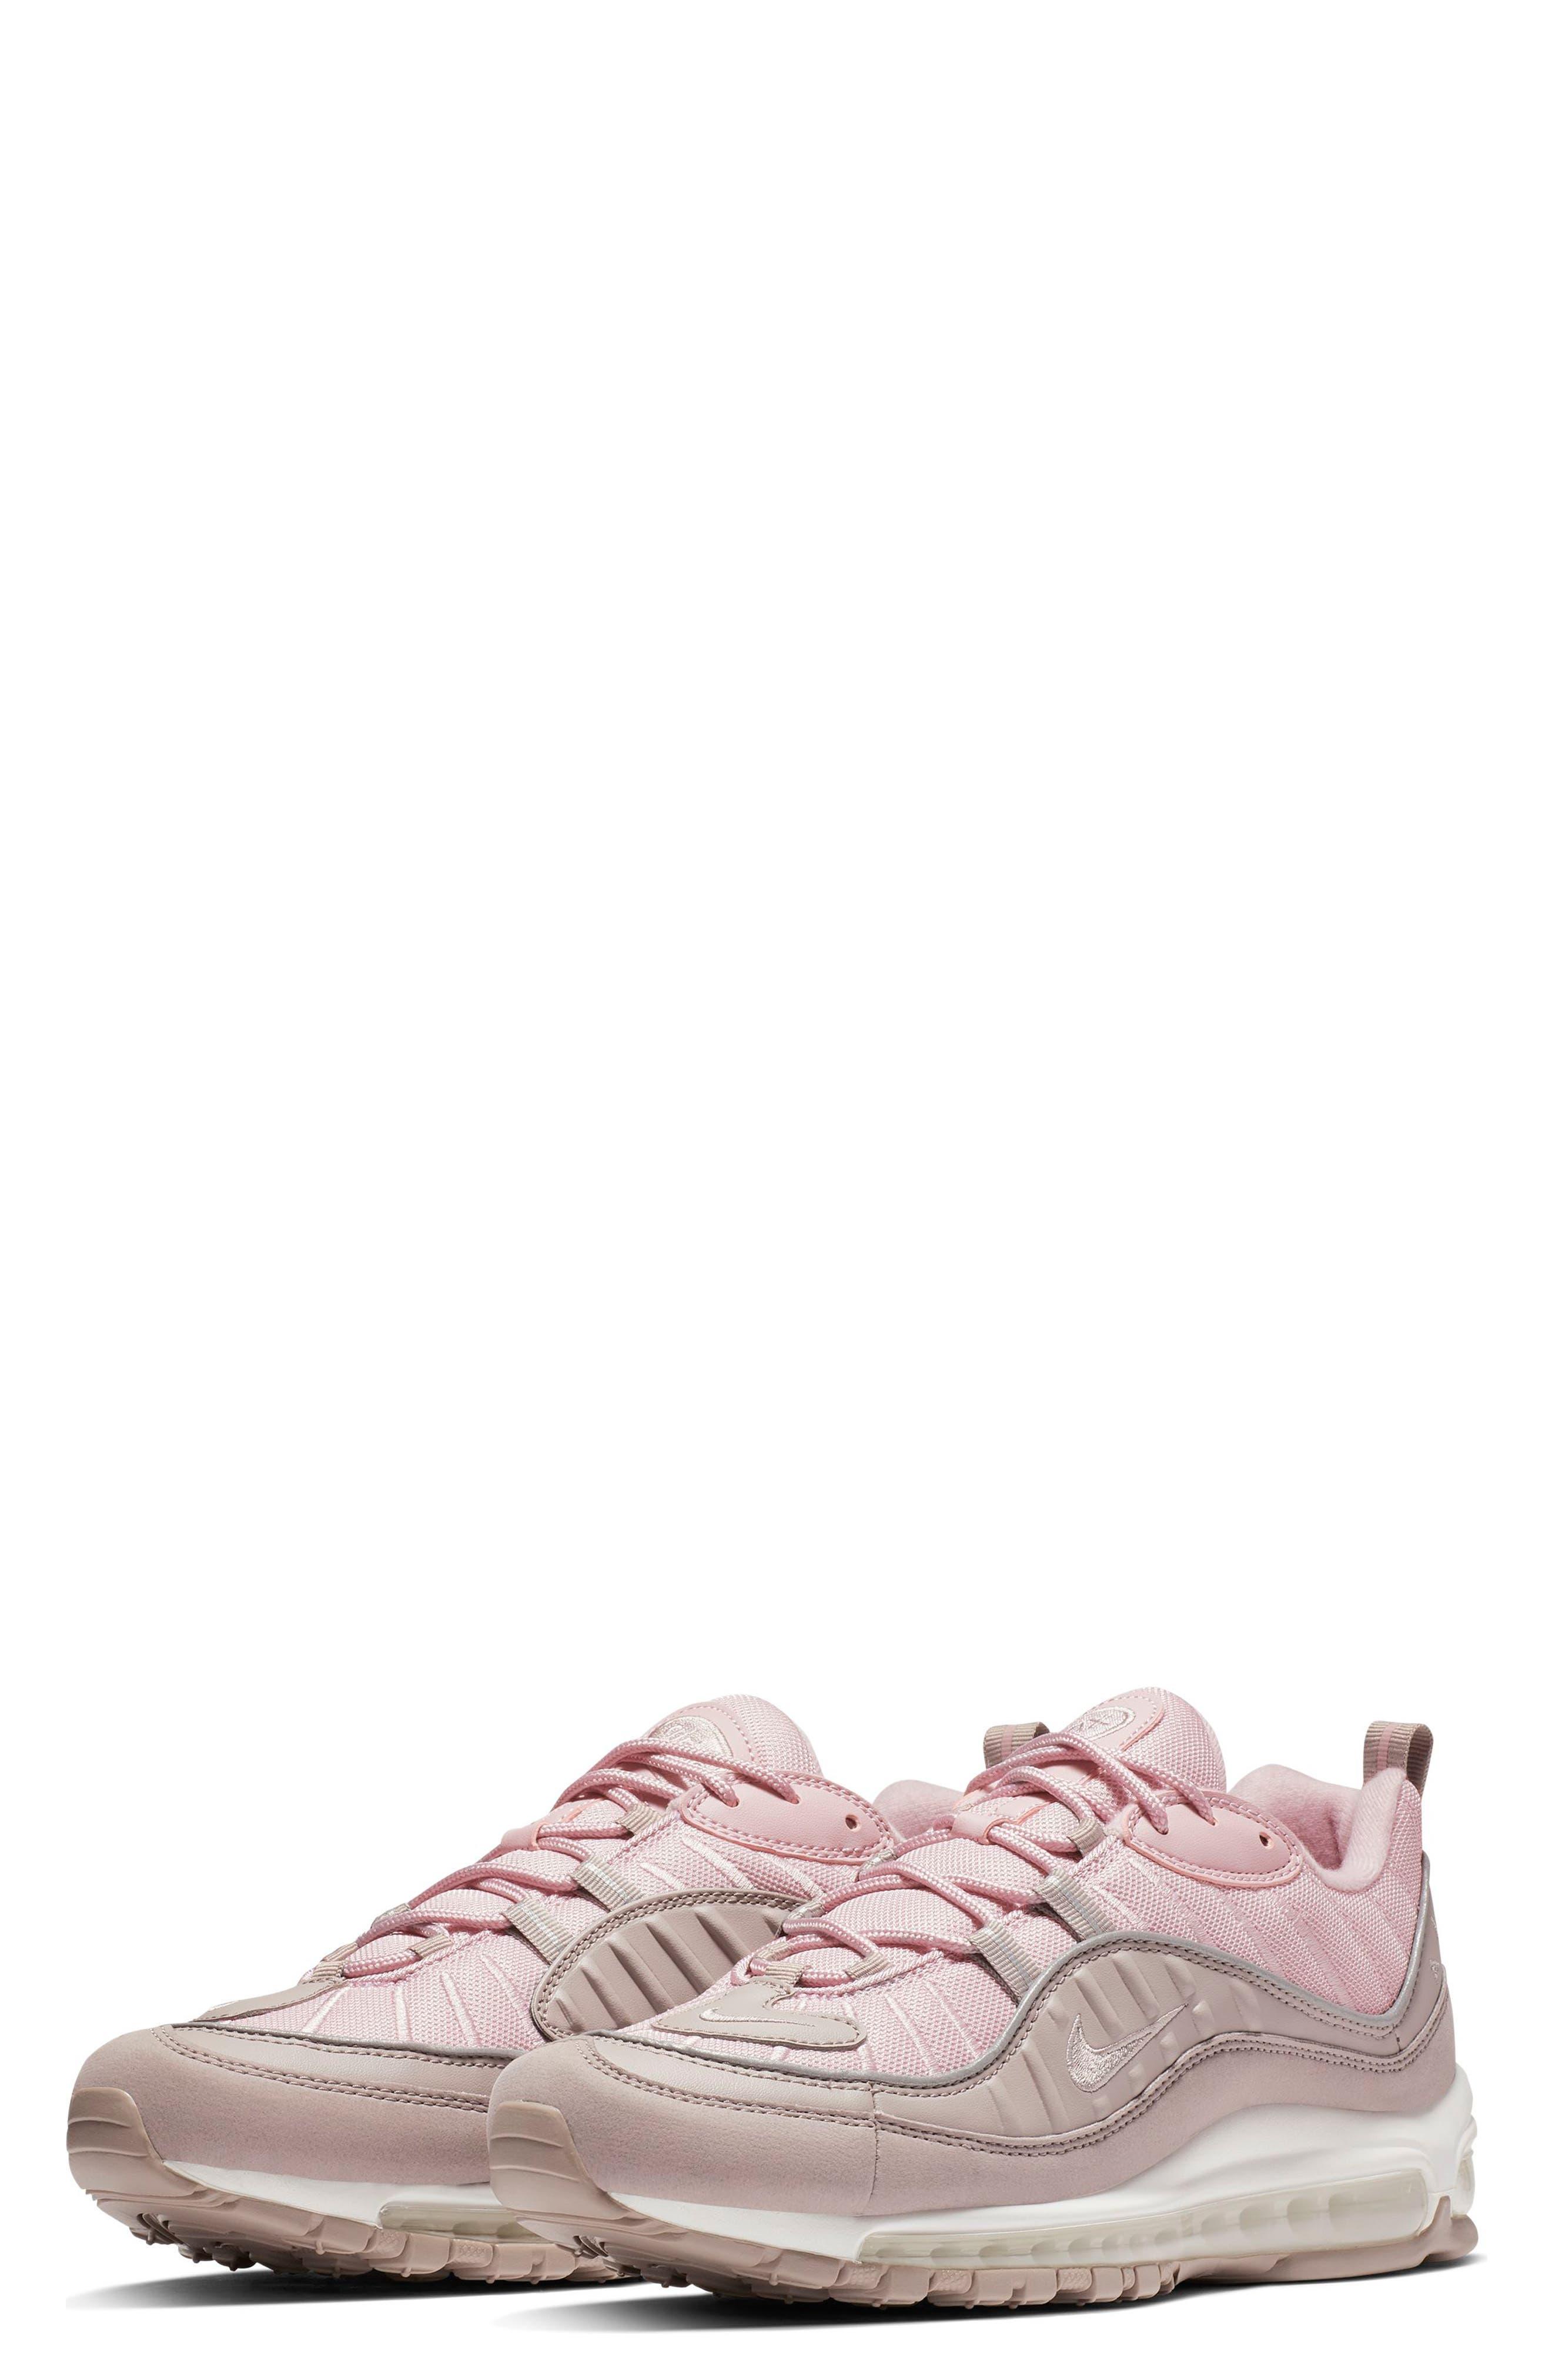 Air Max 98 Sneaker,                             Main thumbnail 1, color,                             PUMICE/ PLUM CHALK/ WHITE